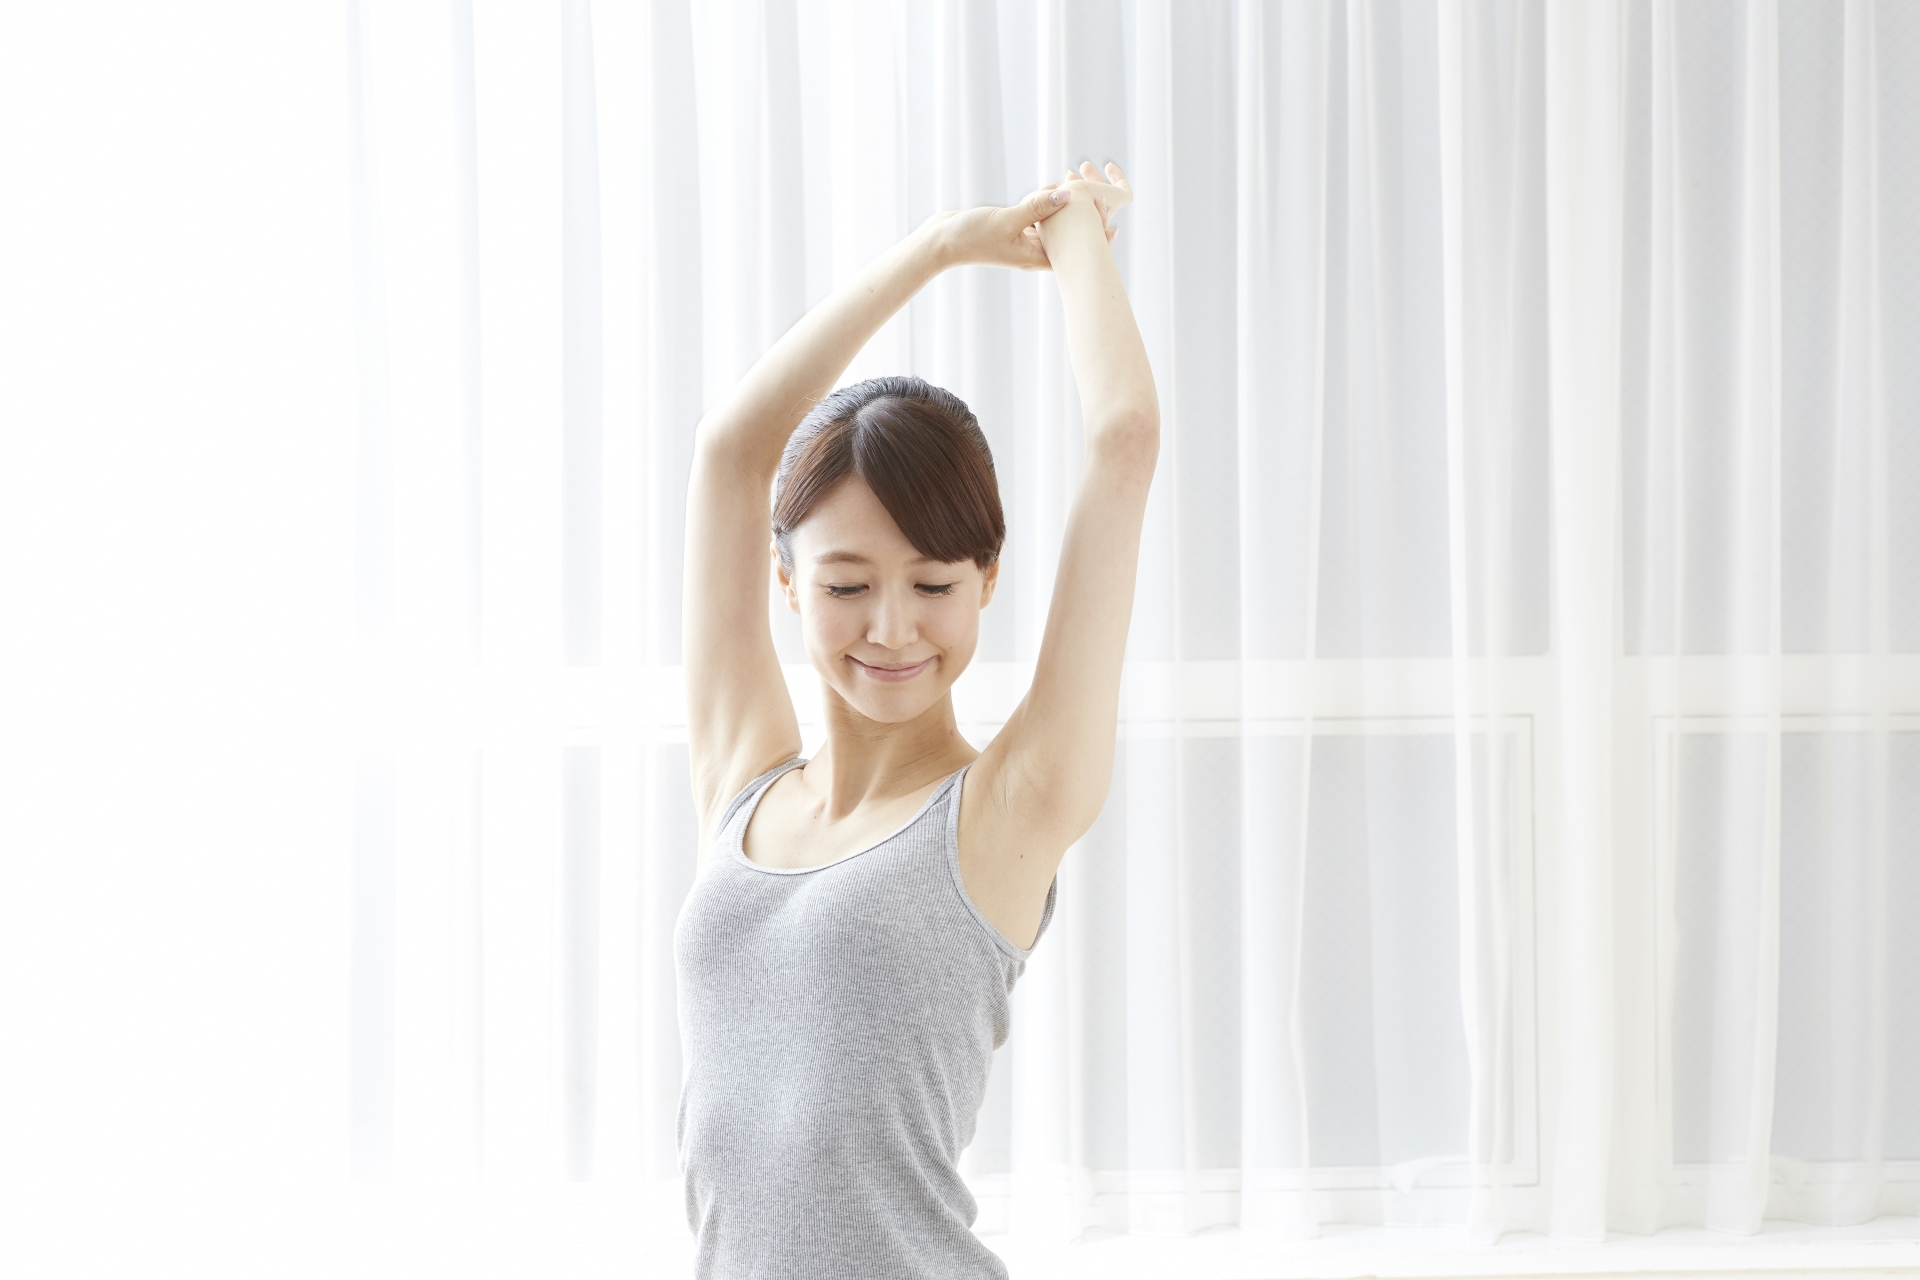 ストレッチをして体の調子を整える女性